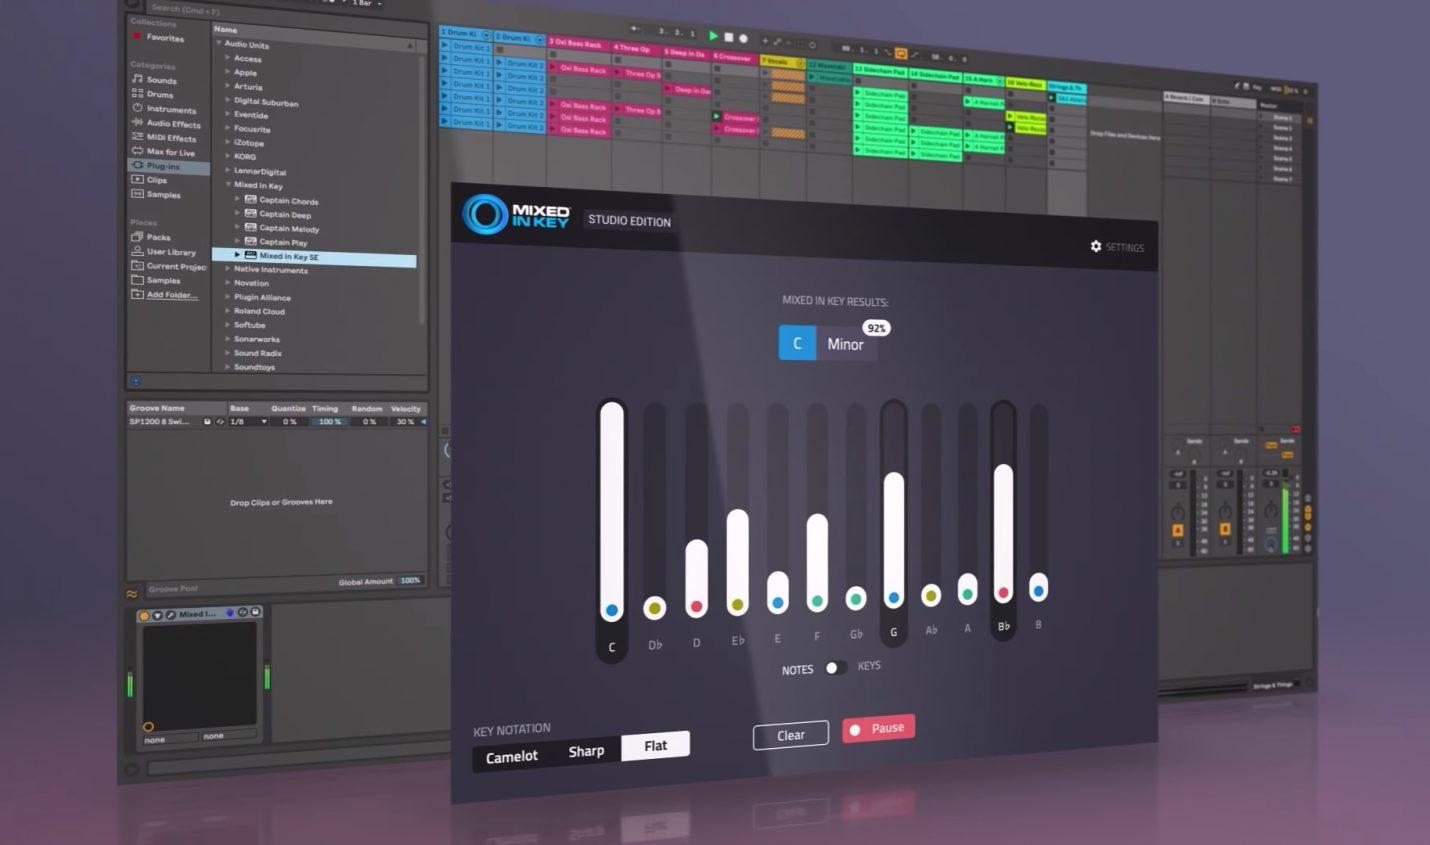 Studio-Edition: Mixed In Key jetzt auch als DAW-Plugin erhältlich